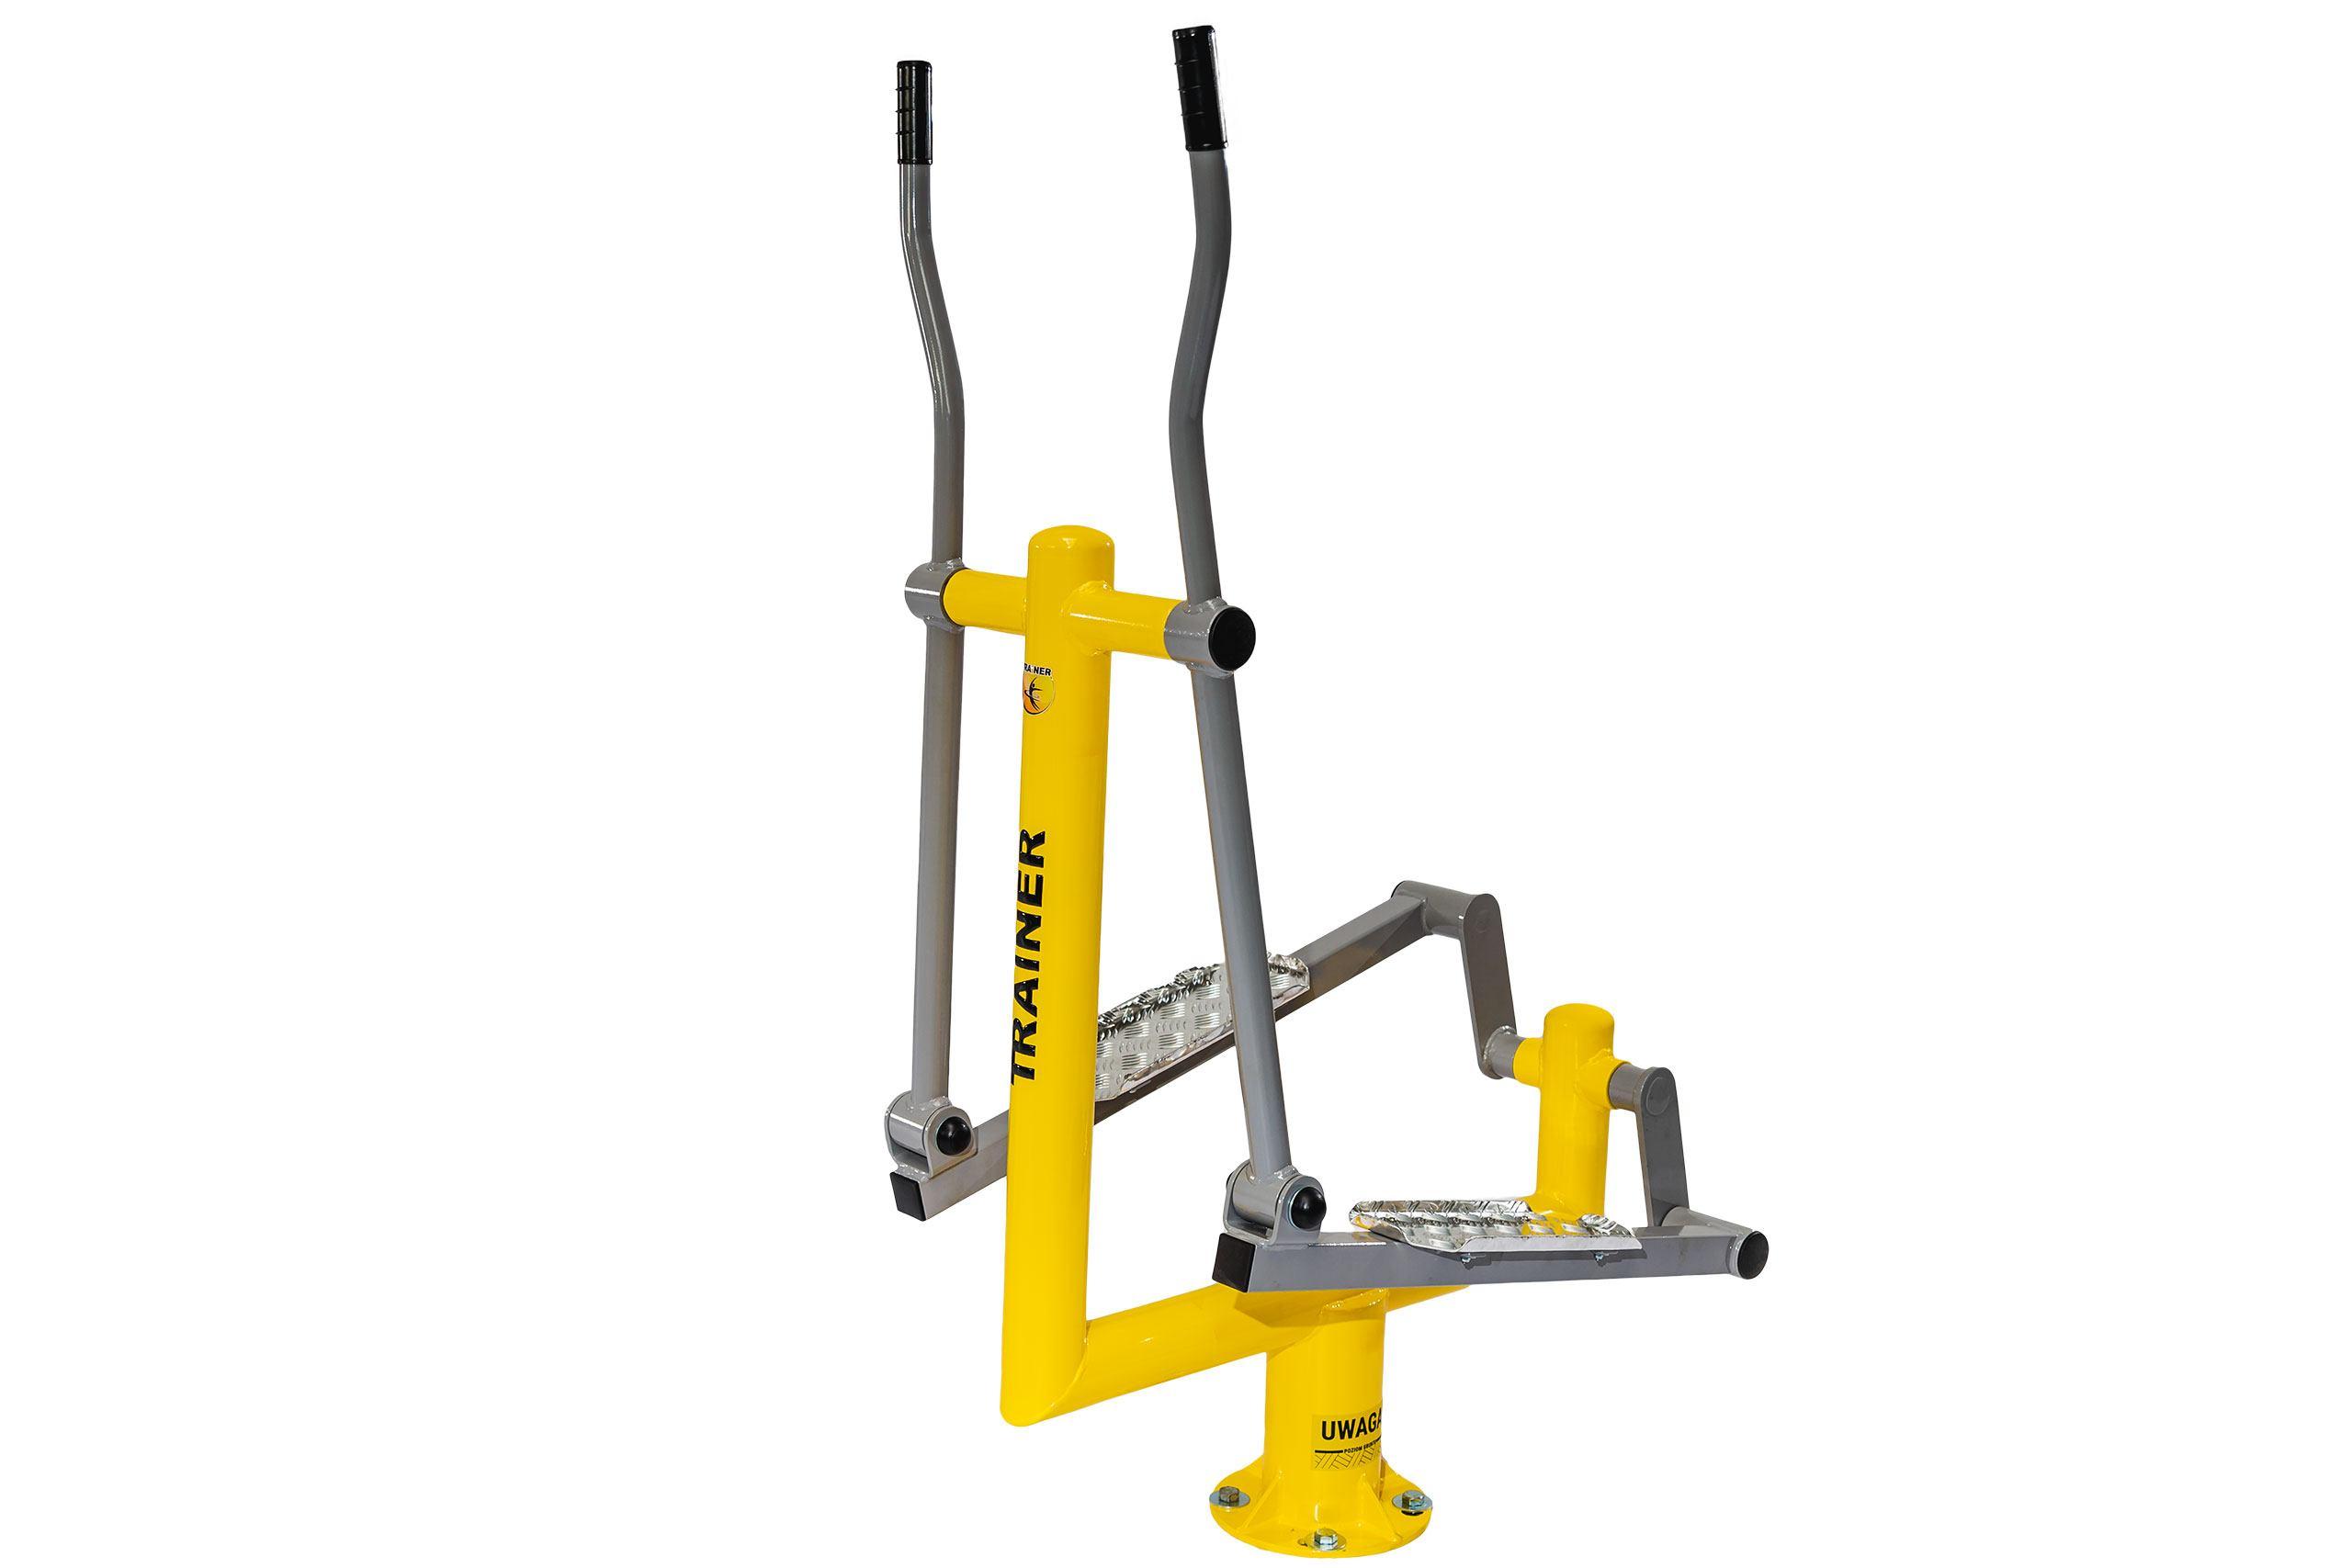 Crosstrainer Outdoor Gym Equipment R11